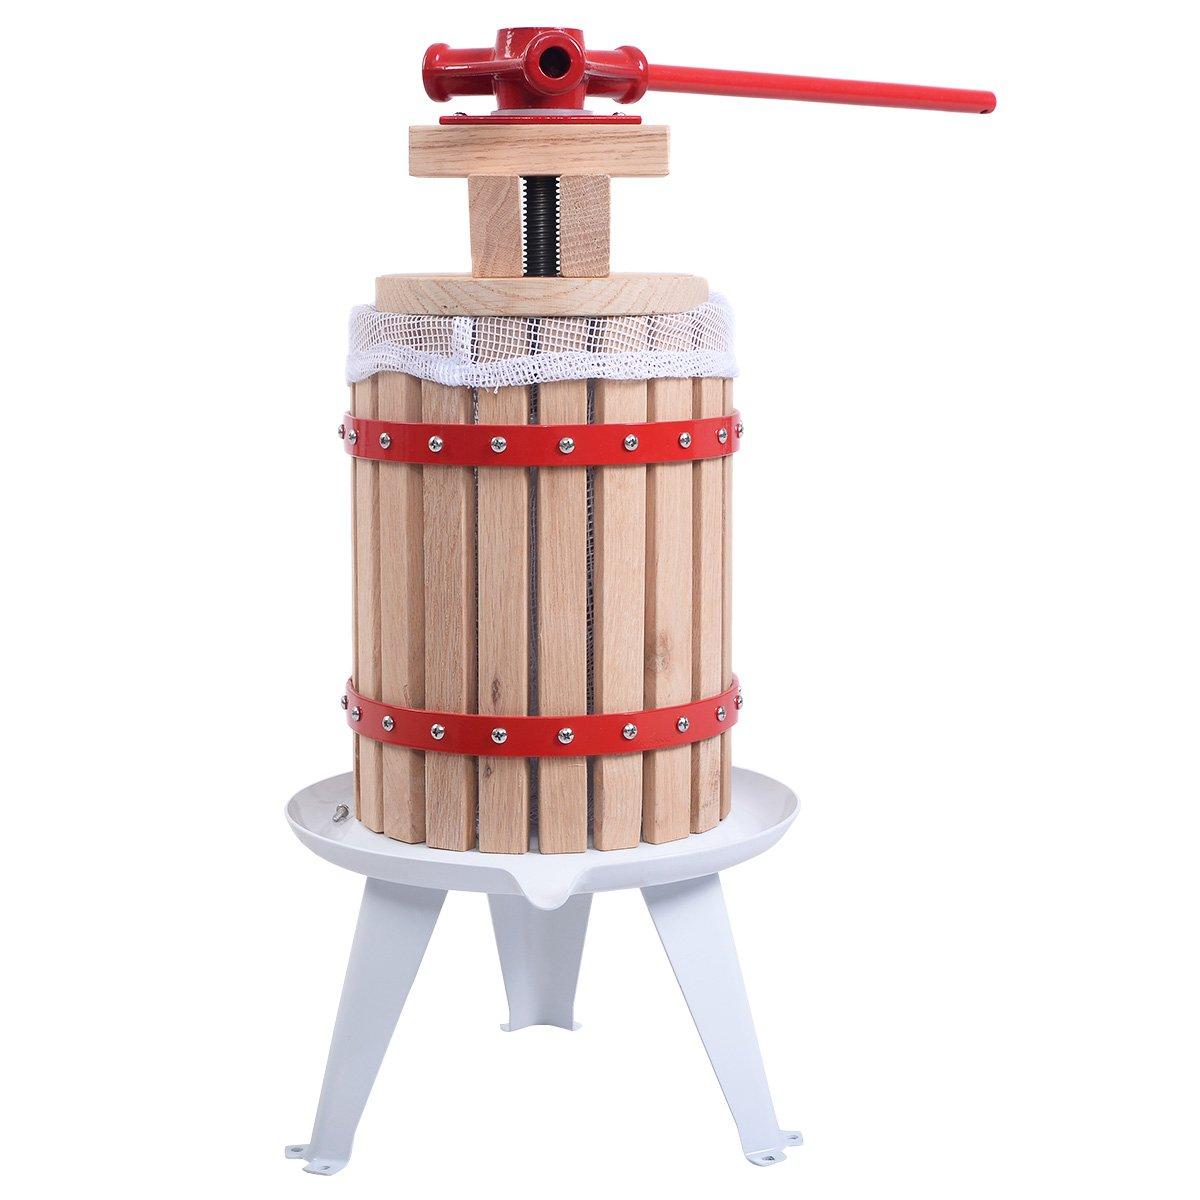 Eminetshop 1.6 Gallon Fruit Wine Making Press Cider Apple Grape Crusher Juice Maker Tool Wood Basket for Kitchen